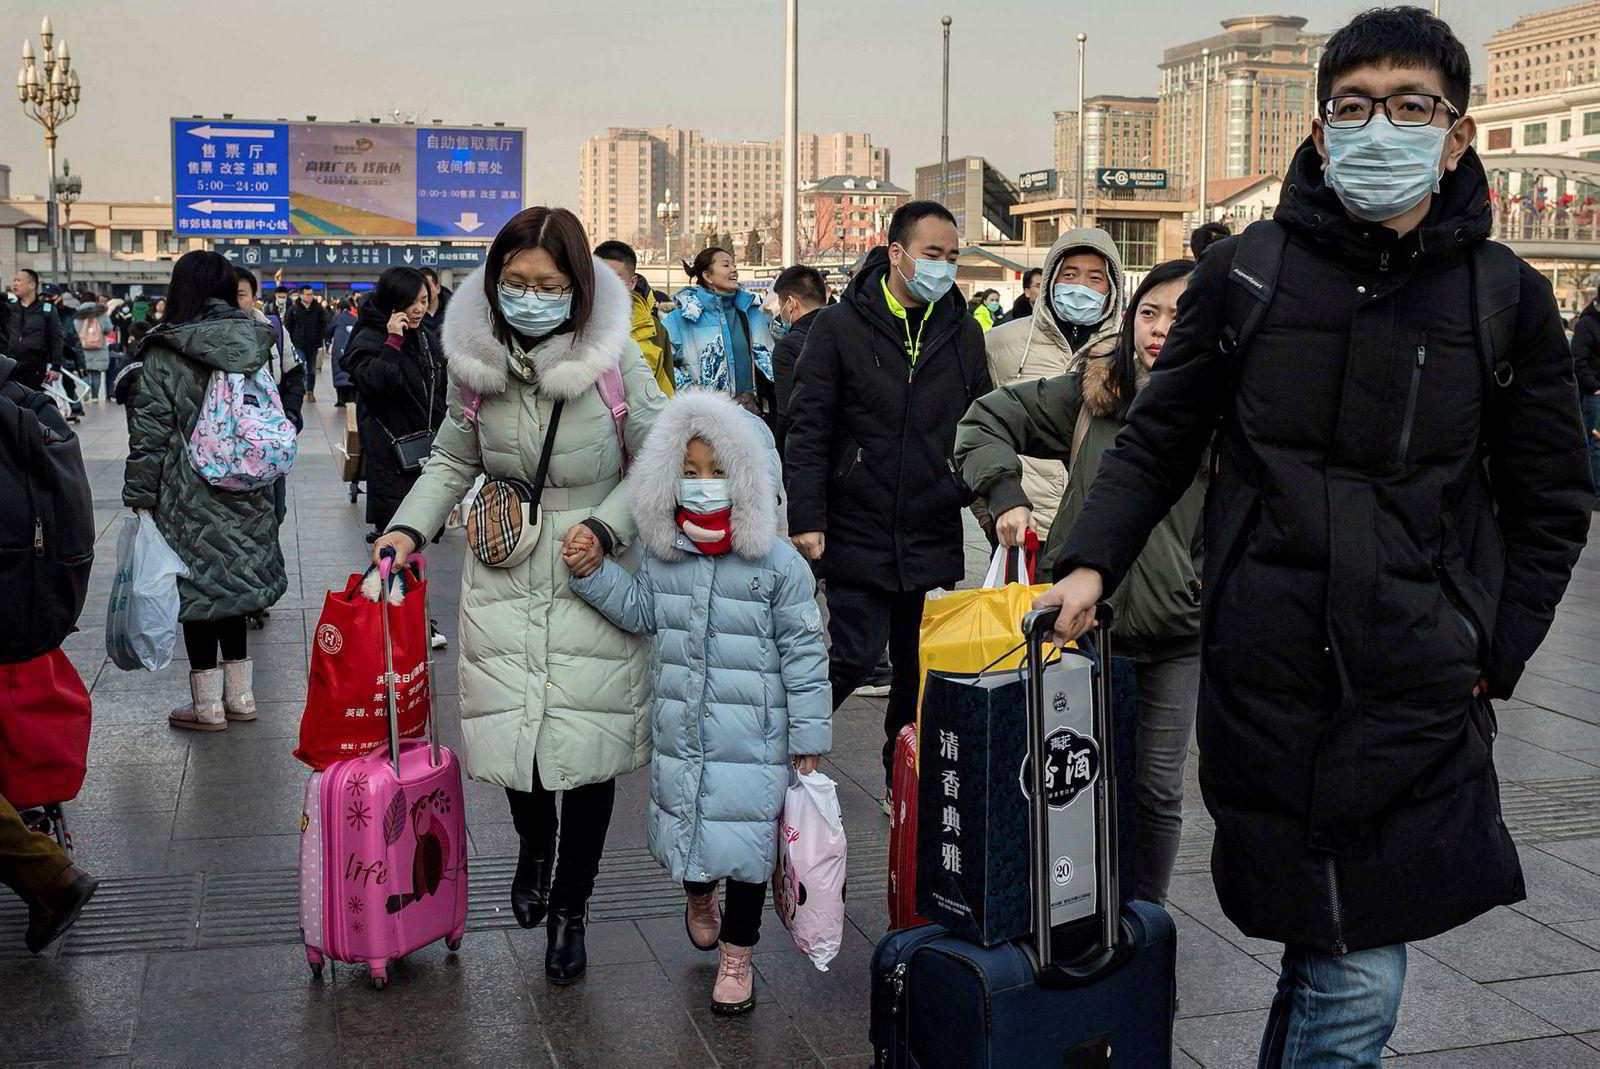 Folk i Beijing beskytter seg med ansiktsmasker. Det hittil ukjente coronaviruset er bekreftet å smitte mellom mennesker.